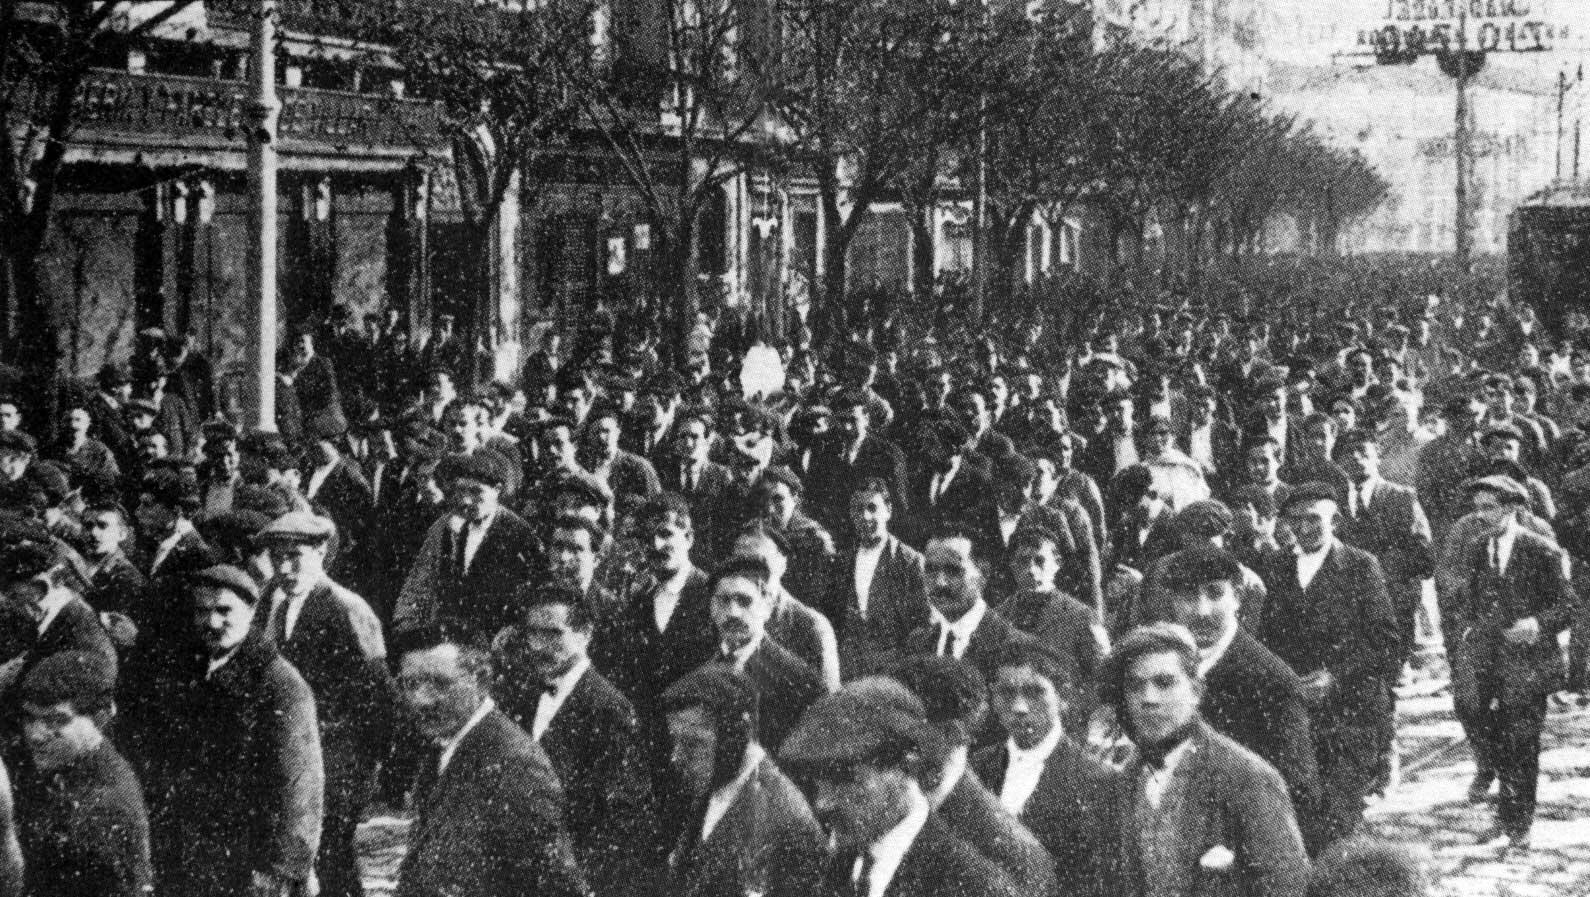 Recordando el pasado. La huelga como herramienta de lucha